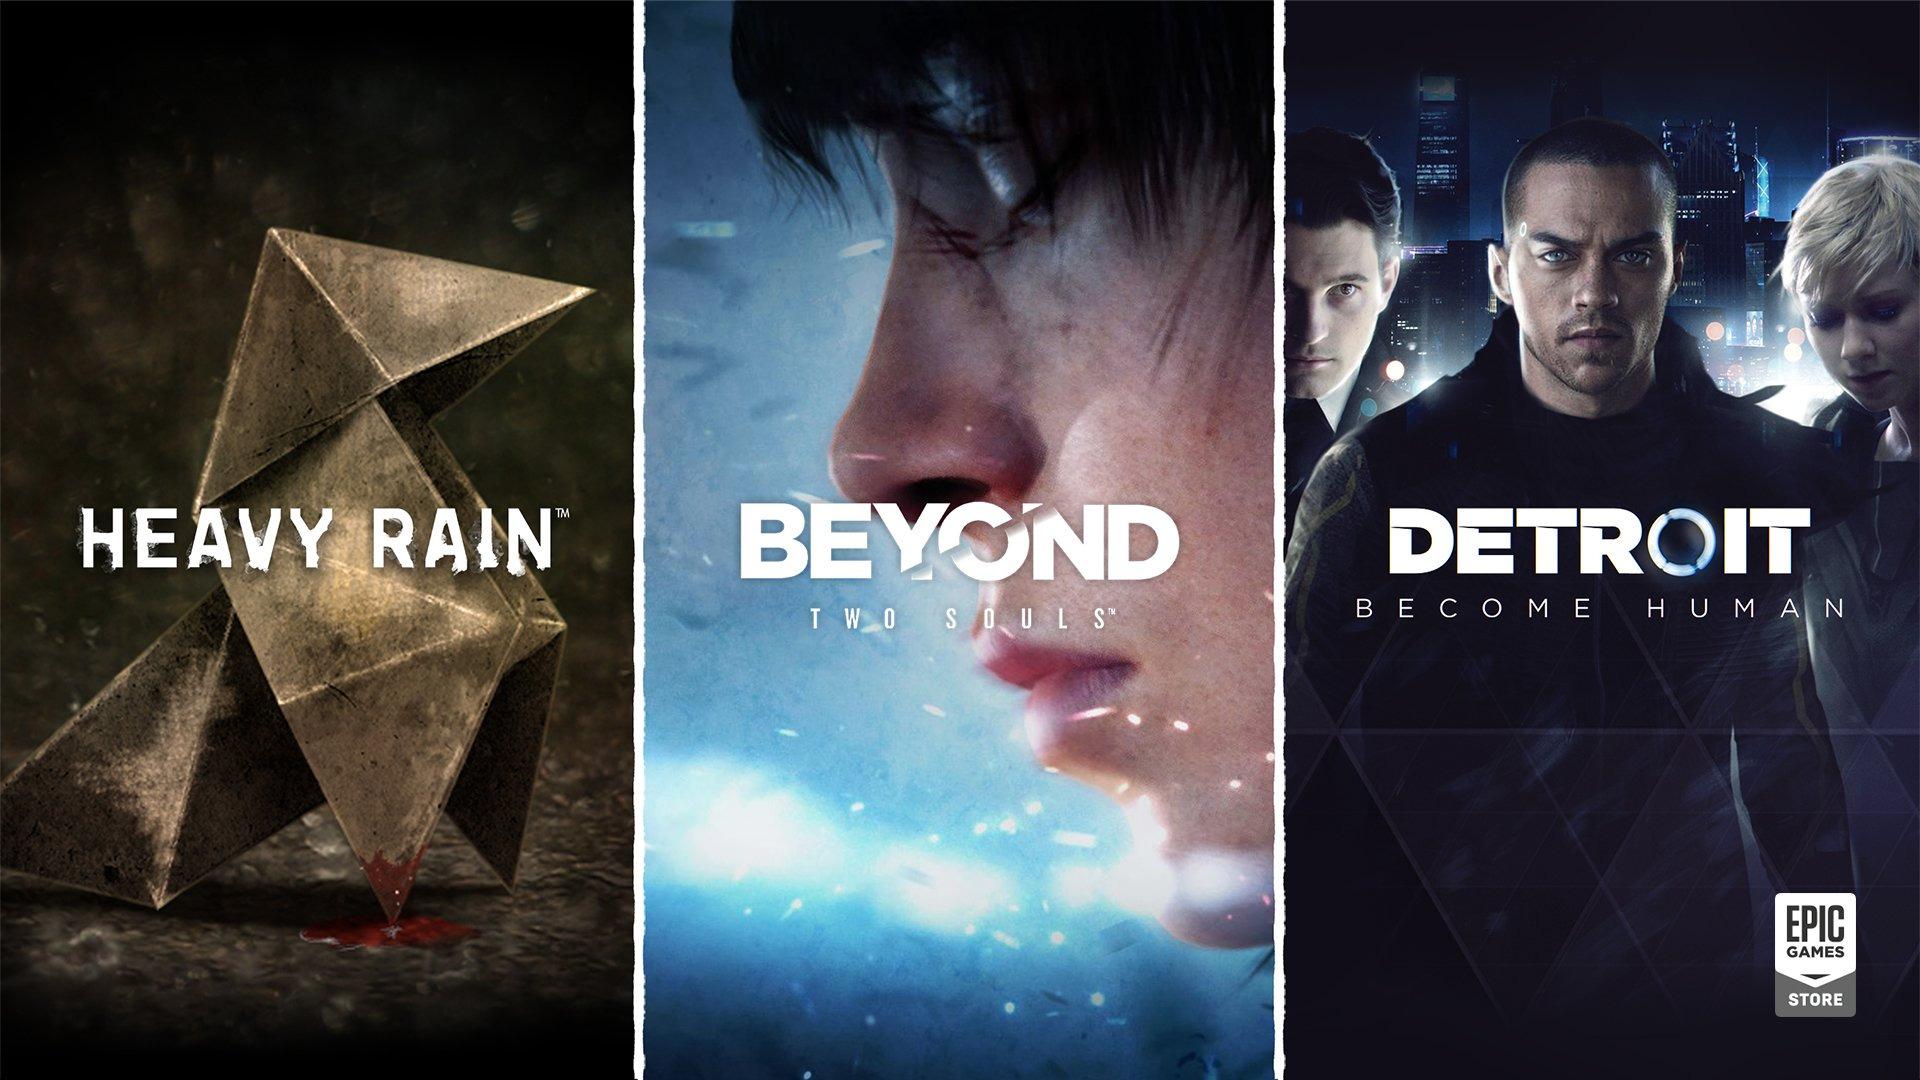 Gry od Quantic Dream już nie są exclusivami Sony